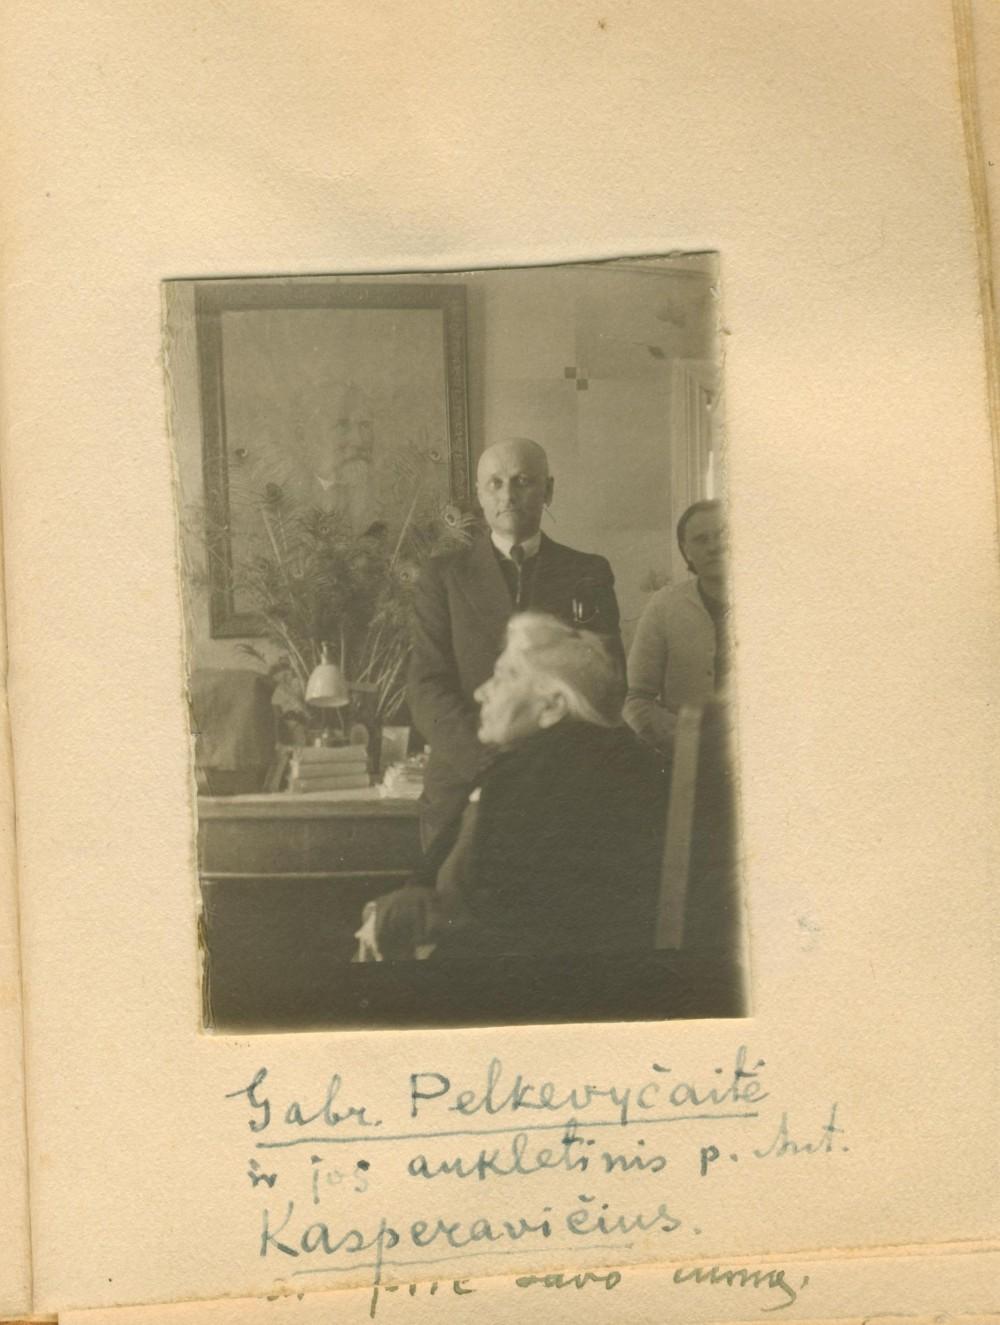 Puslapis iš A. Naujokaičio albumėlio. G. Petkevičaitė ir jos globotinis Antanas Kasperavičius. Panevėžys. 1942 m.